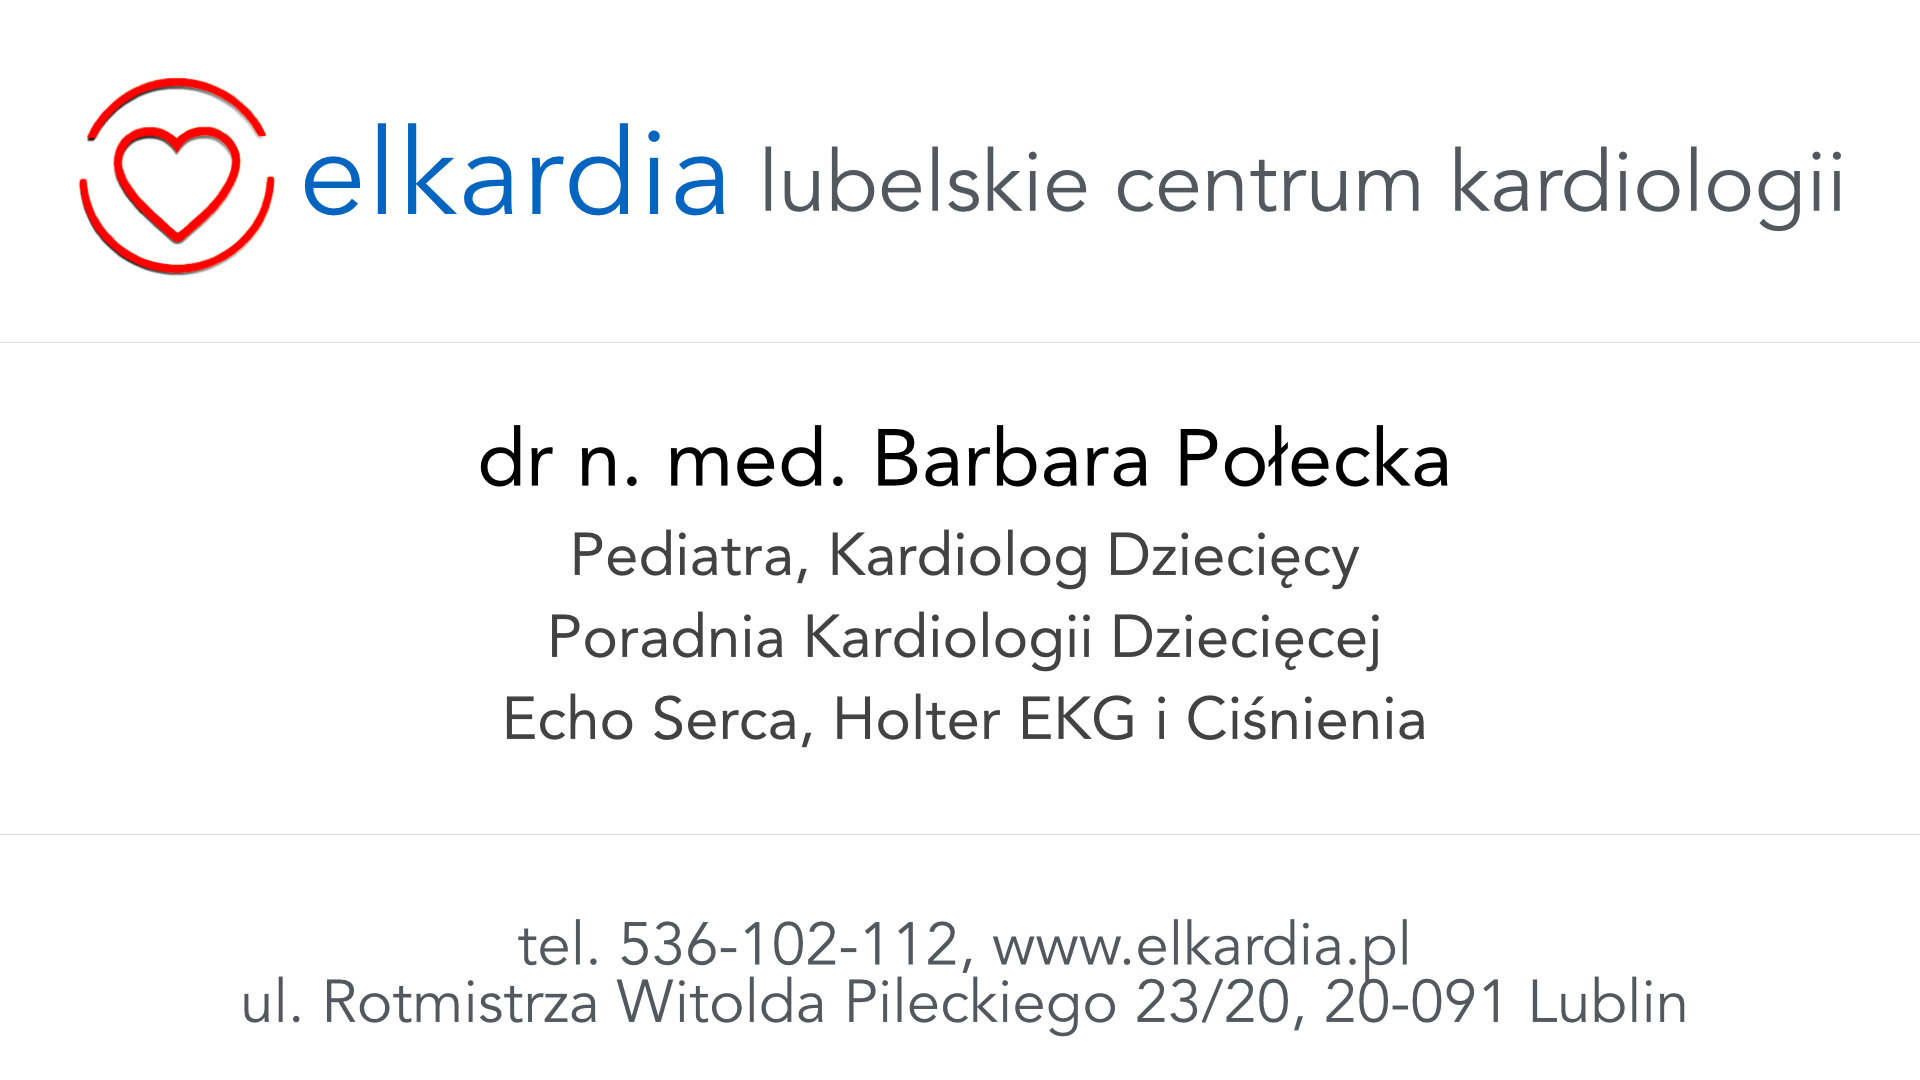 Dr Barbara Połecka | Kardiolog Dziecięcy w Lublinie|